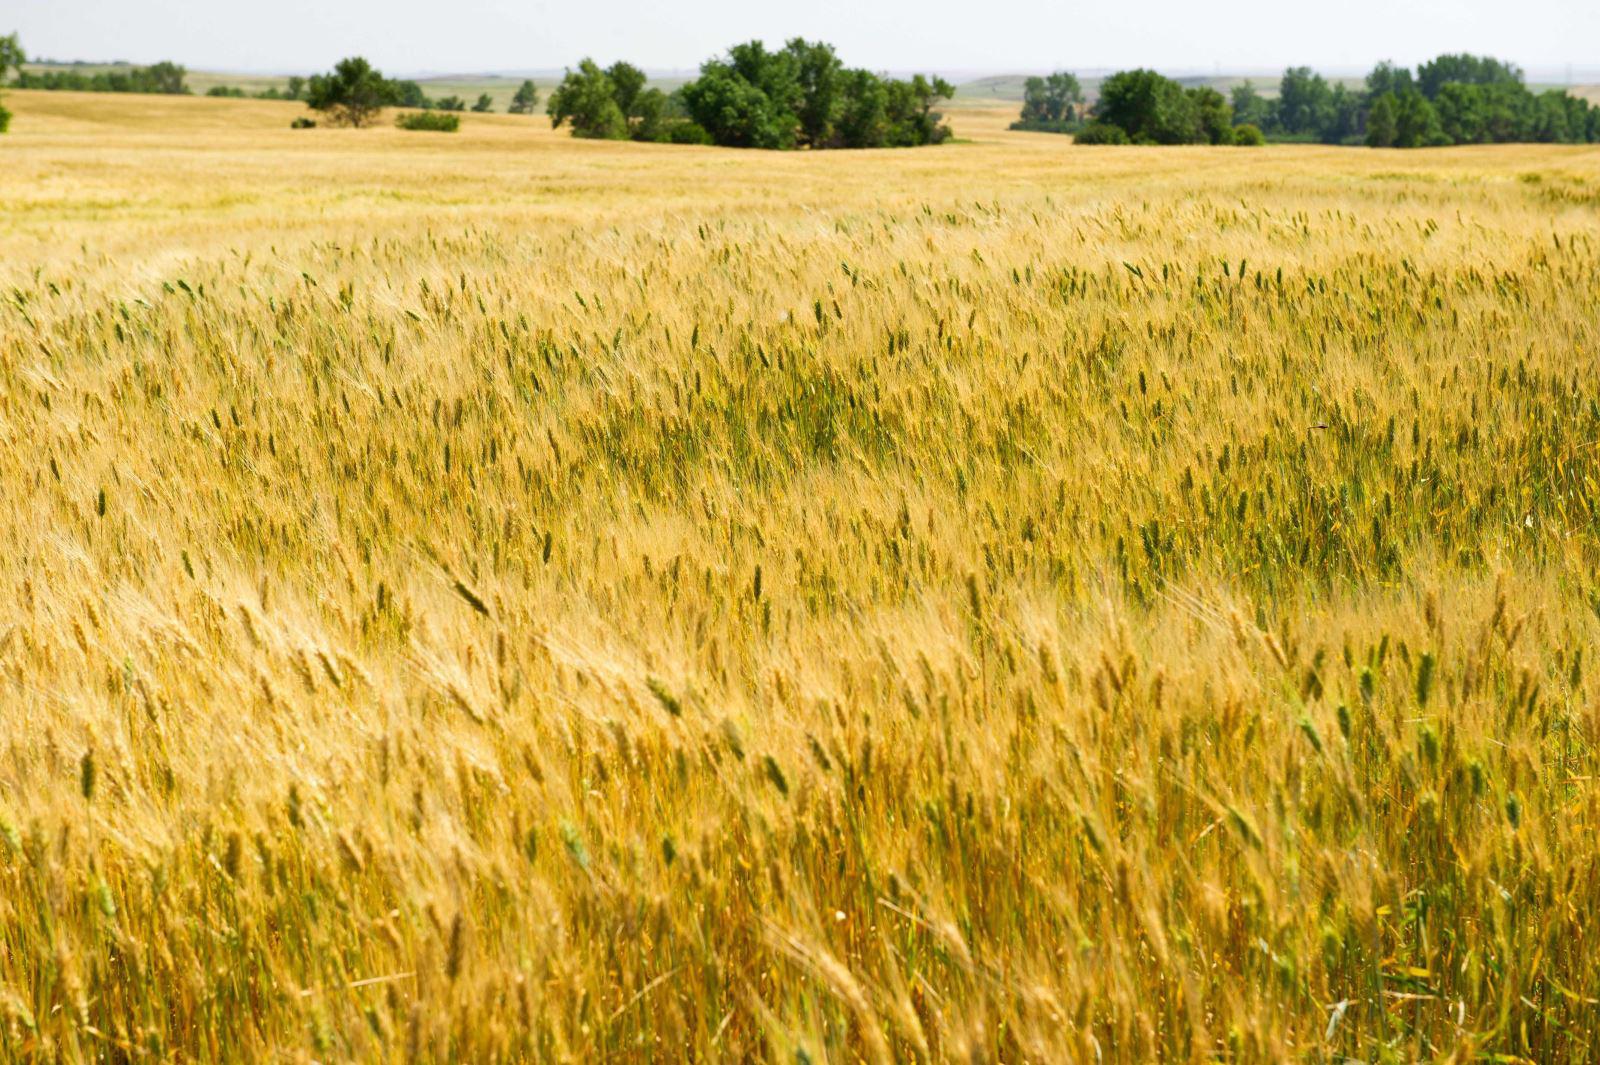 Dịch COVID-19: Nhiều nước dừng xuất khẩu lương thực, đe dọa nguồn cung toàn cầu - Ảnh 1.